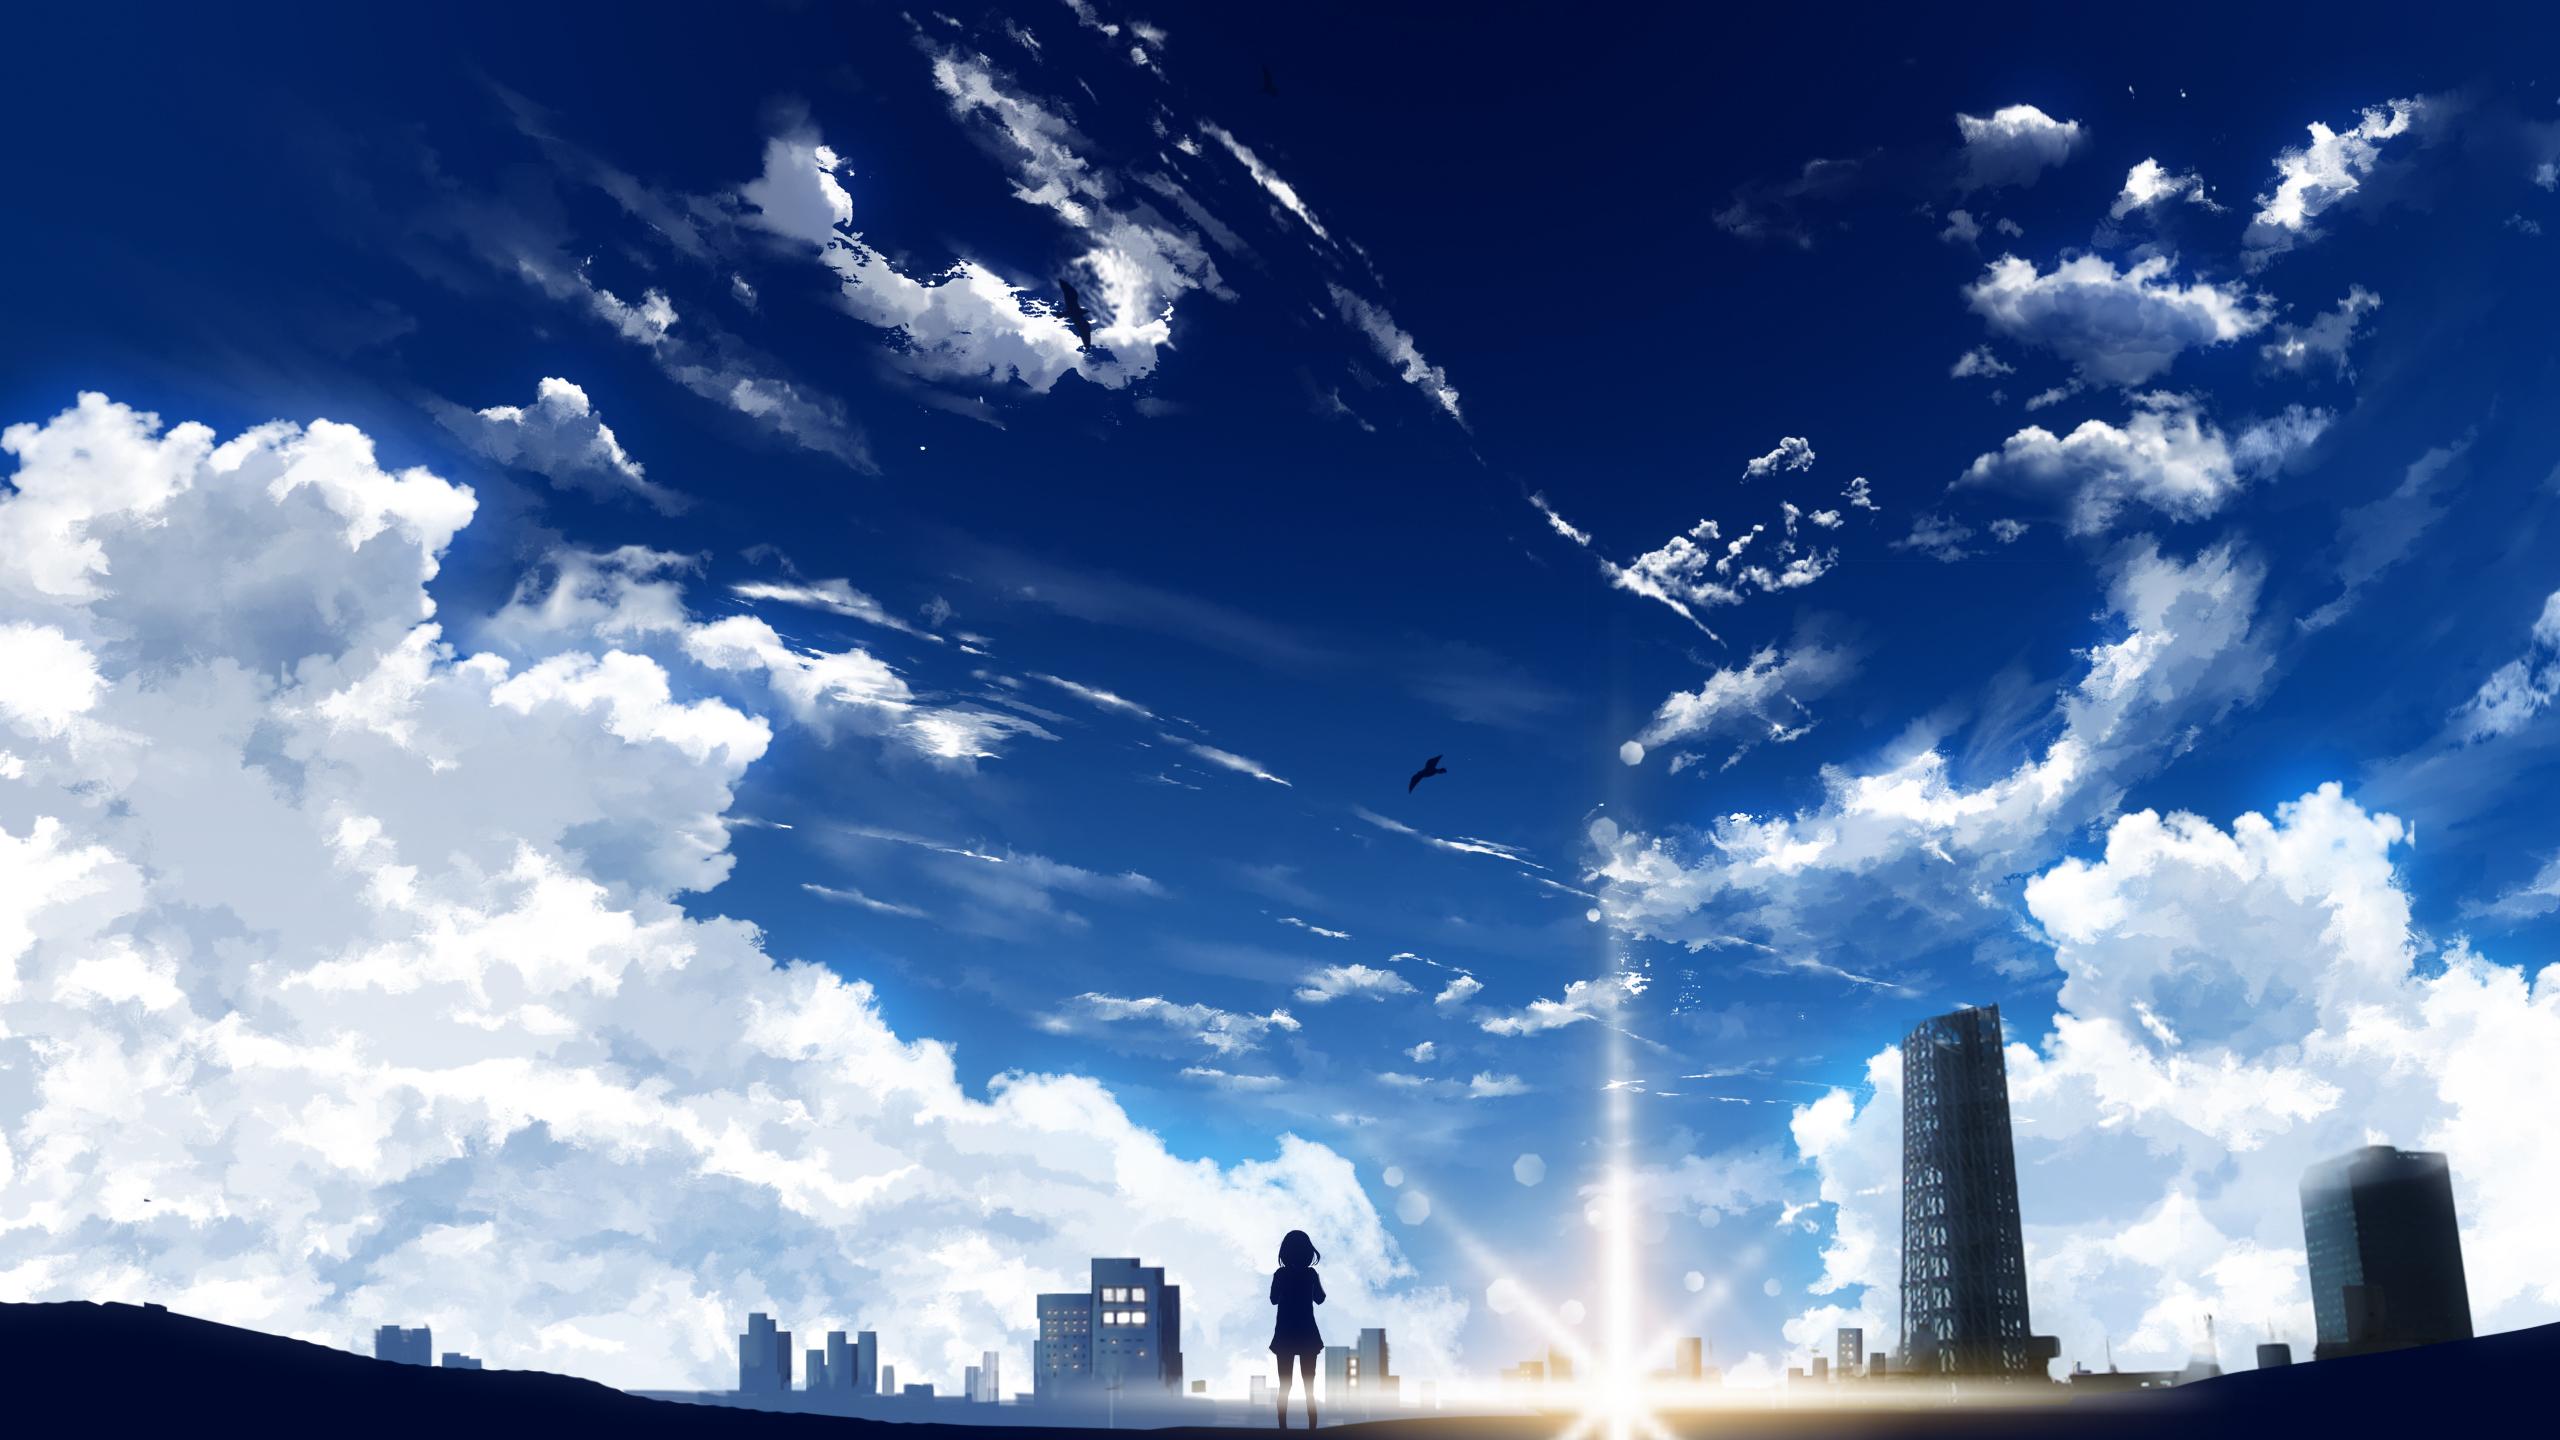 背景 壁纸 风景 天空 桌面 2560_1440